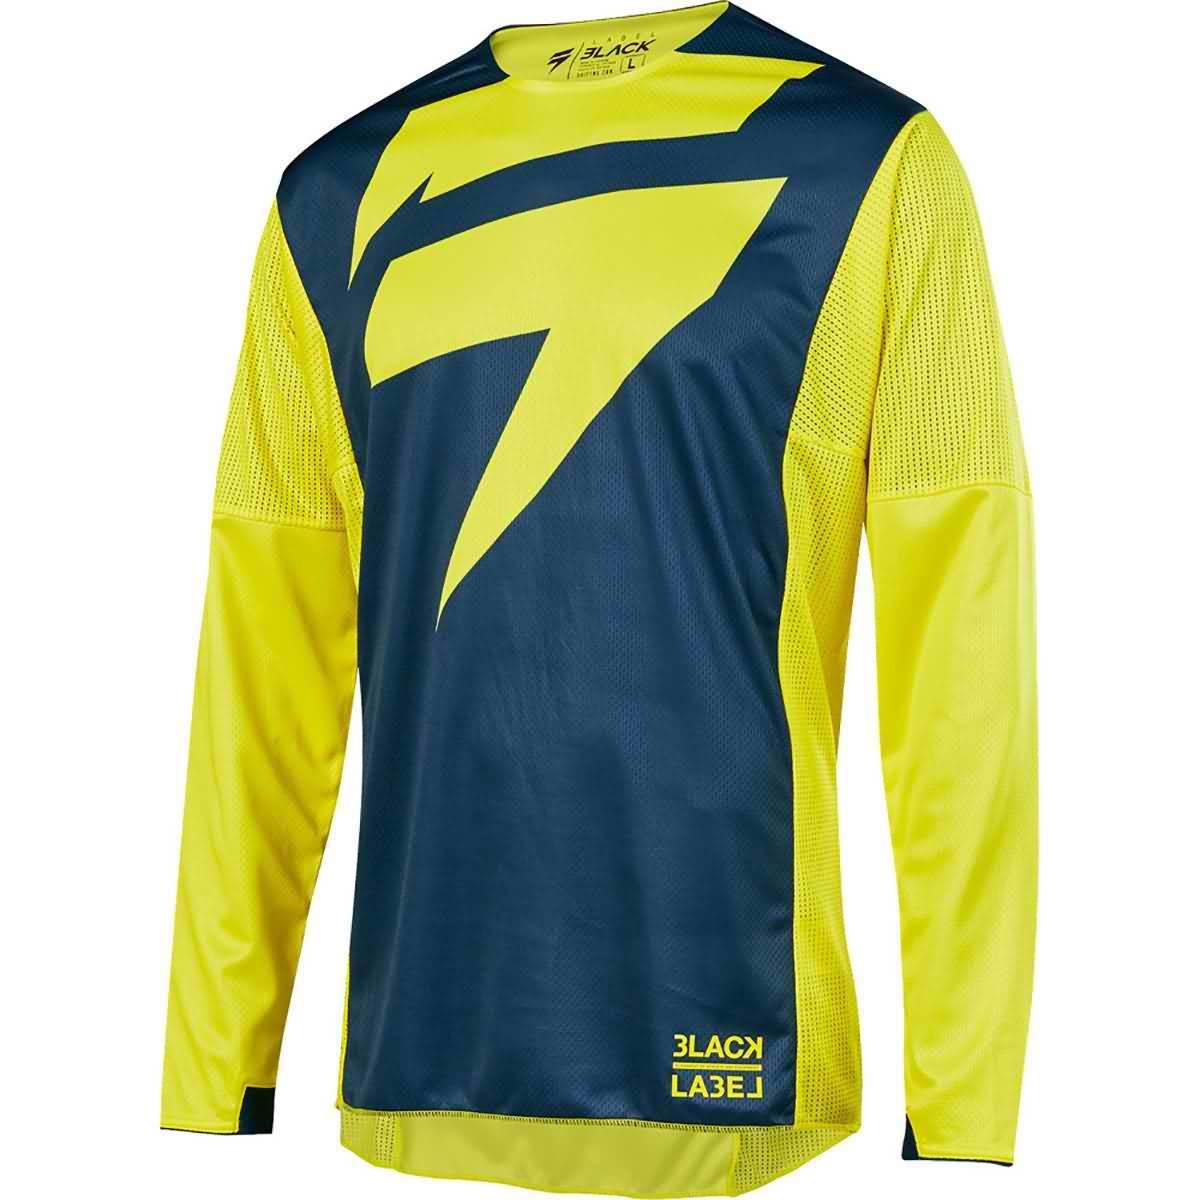 remera mx shift mainline amarillo/azul talle l